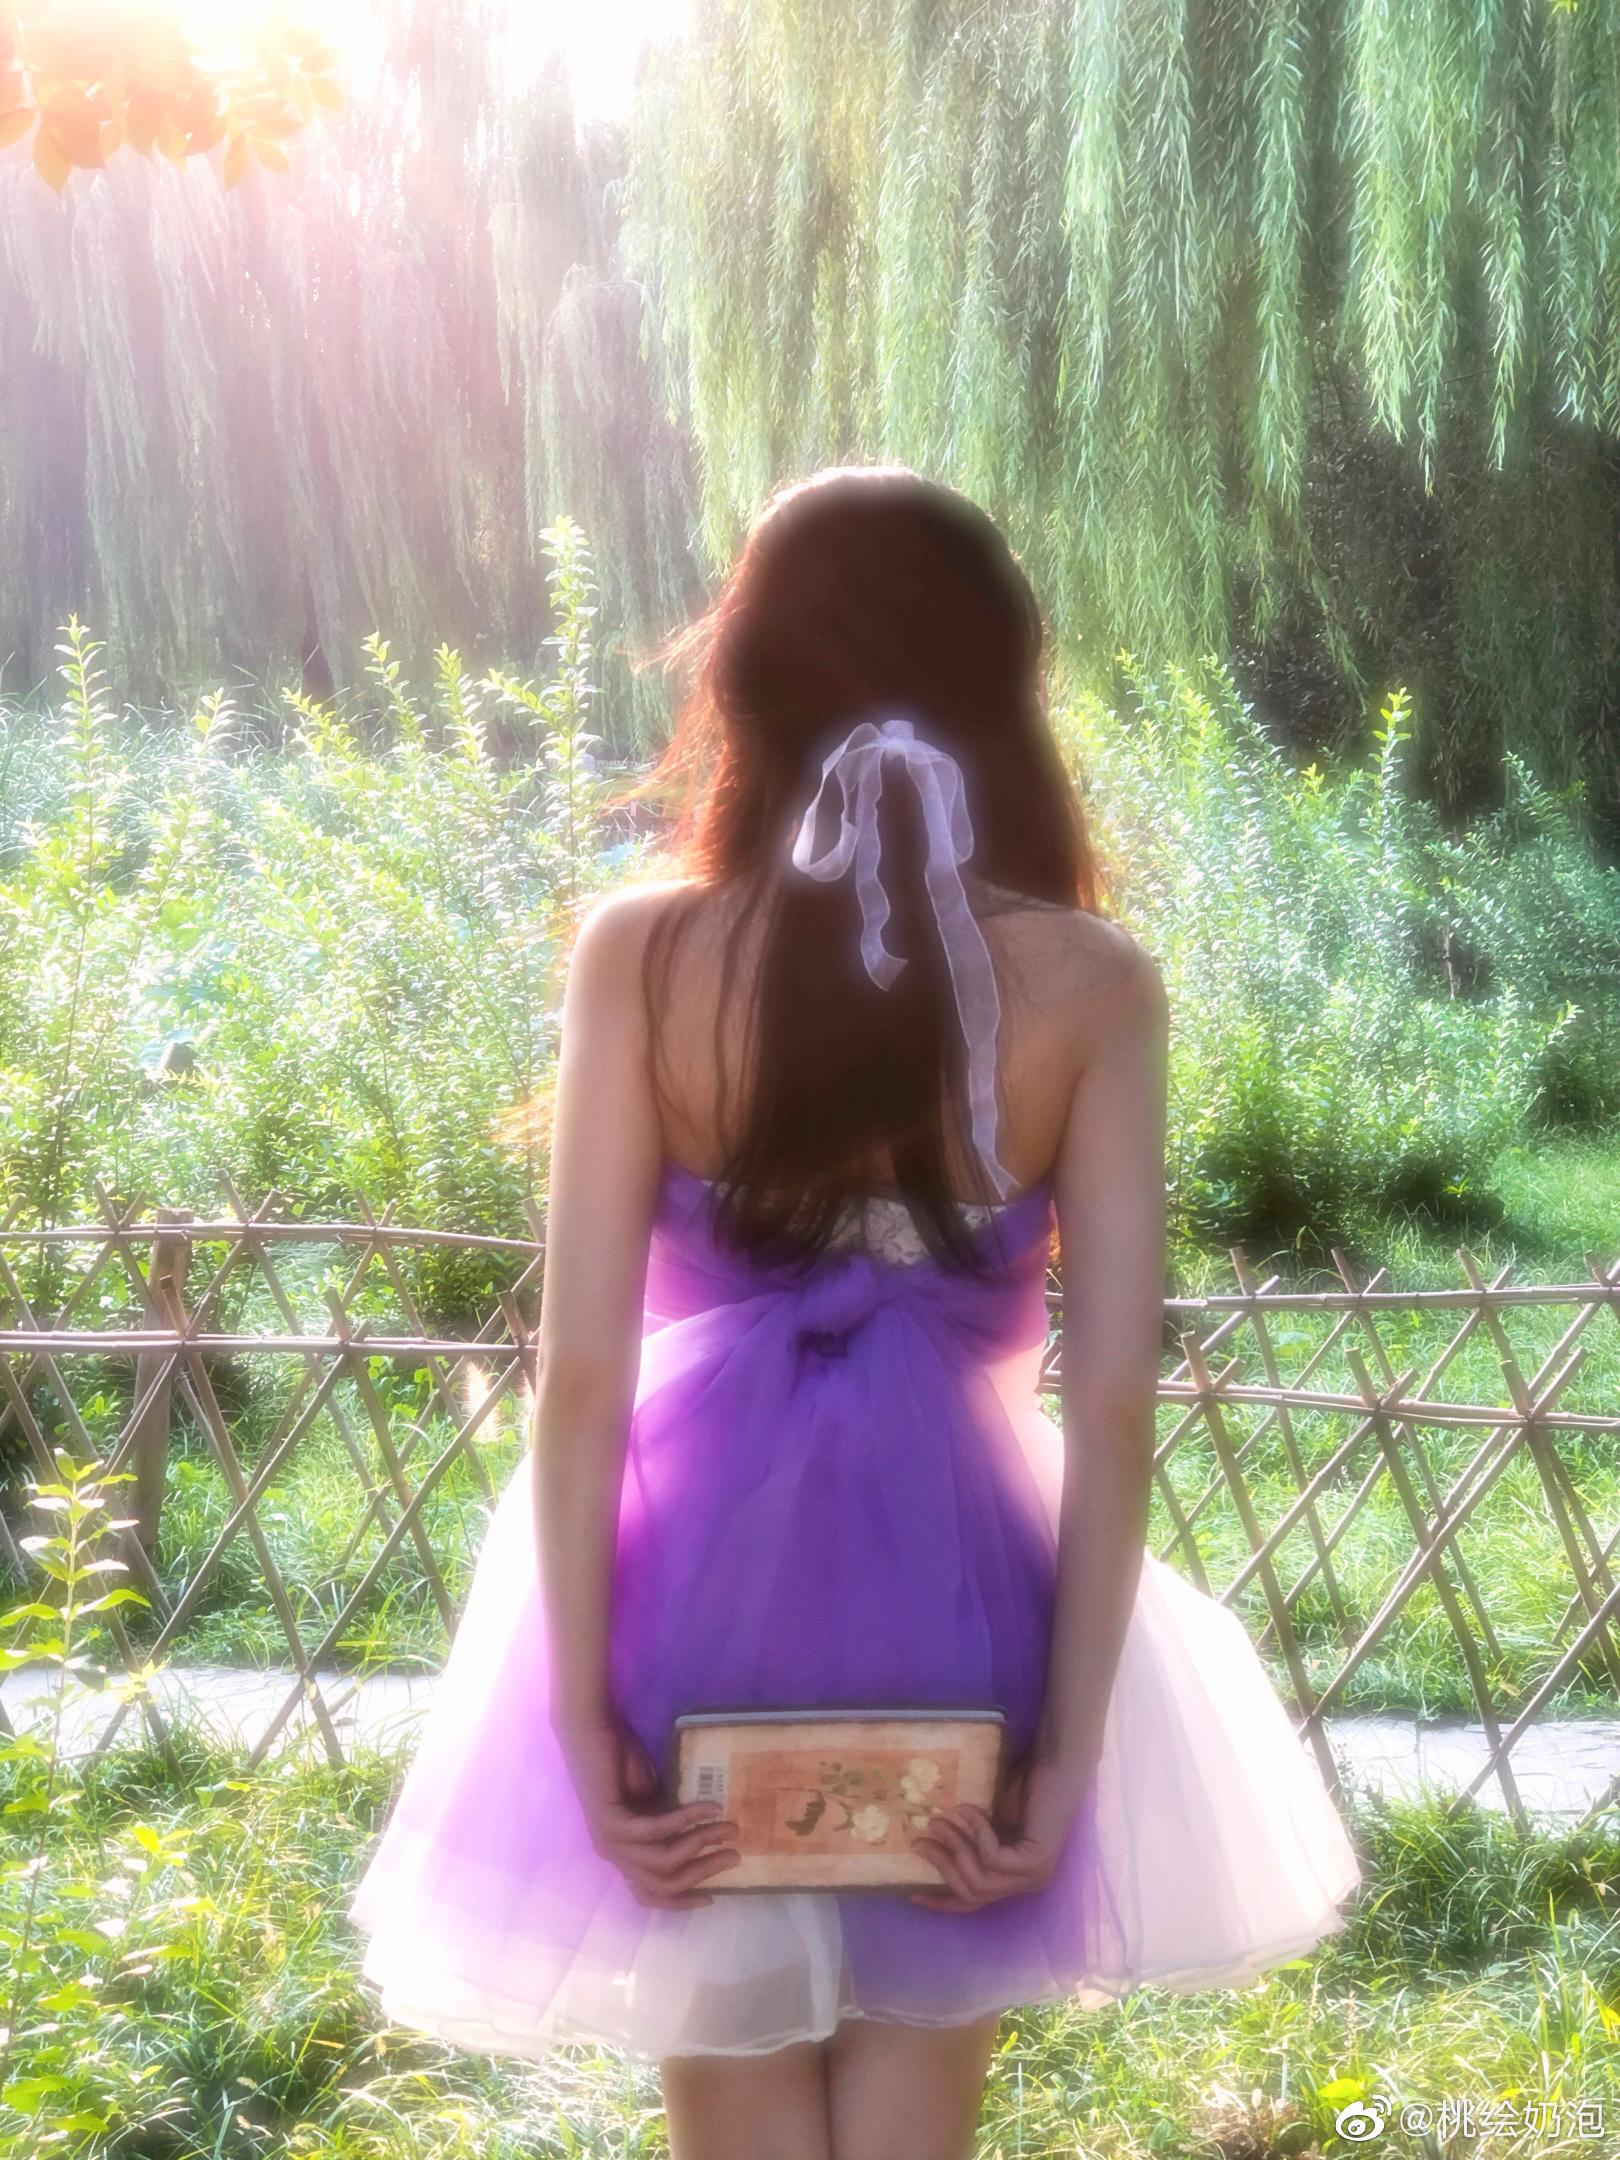 公主日记北京约拍客片花絮/夕阳落在你身上美女 公主日记 第1张